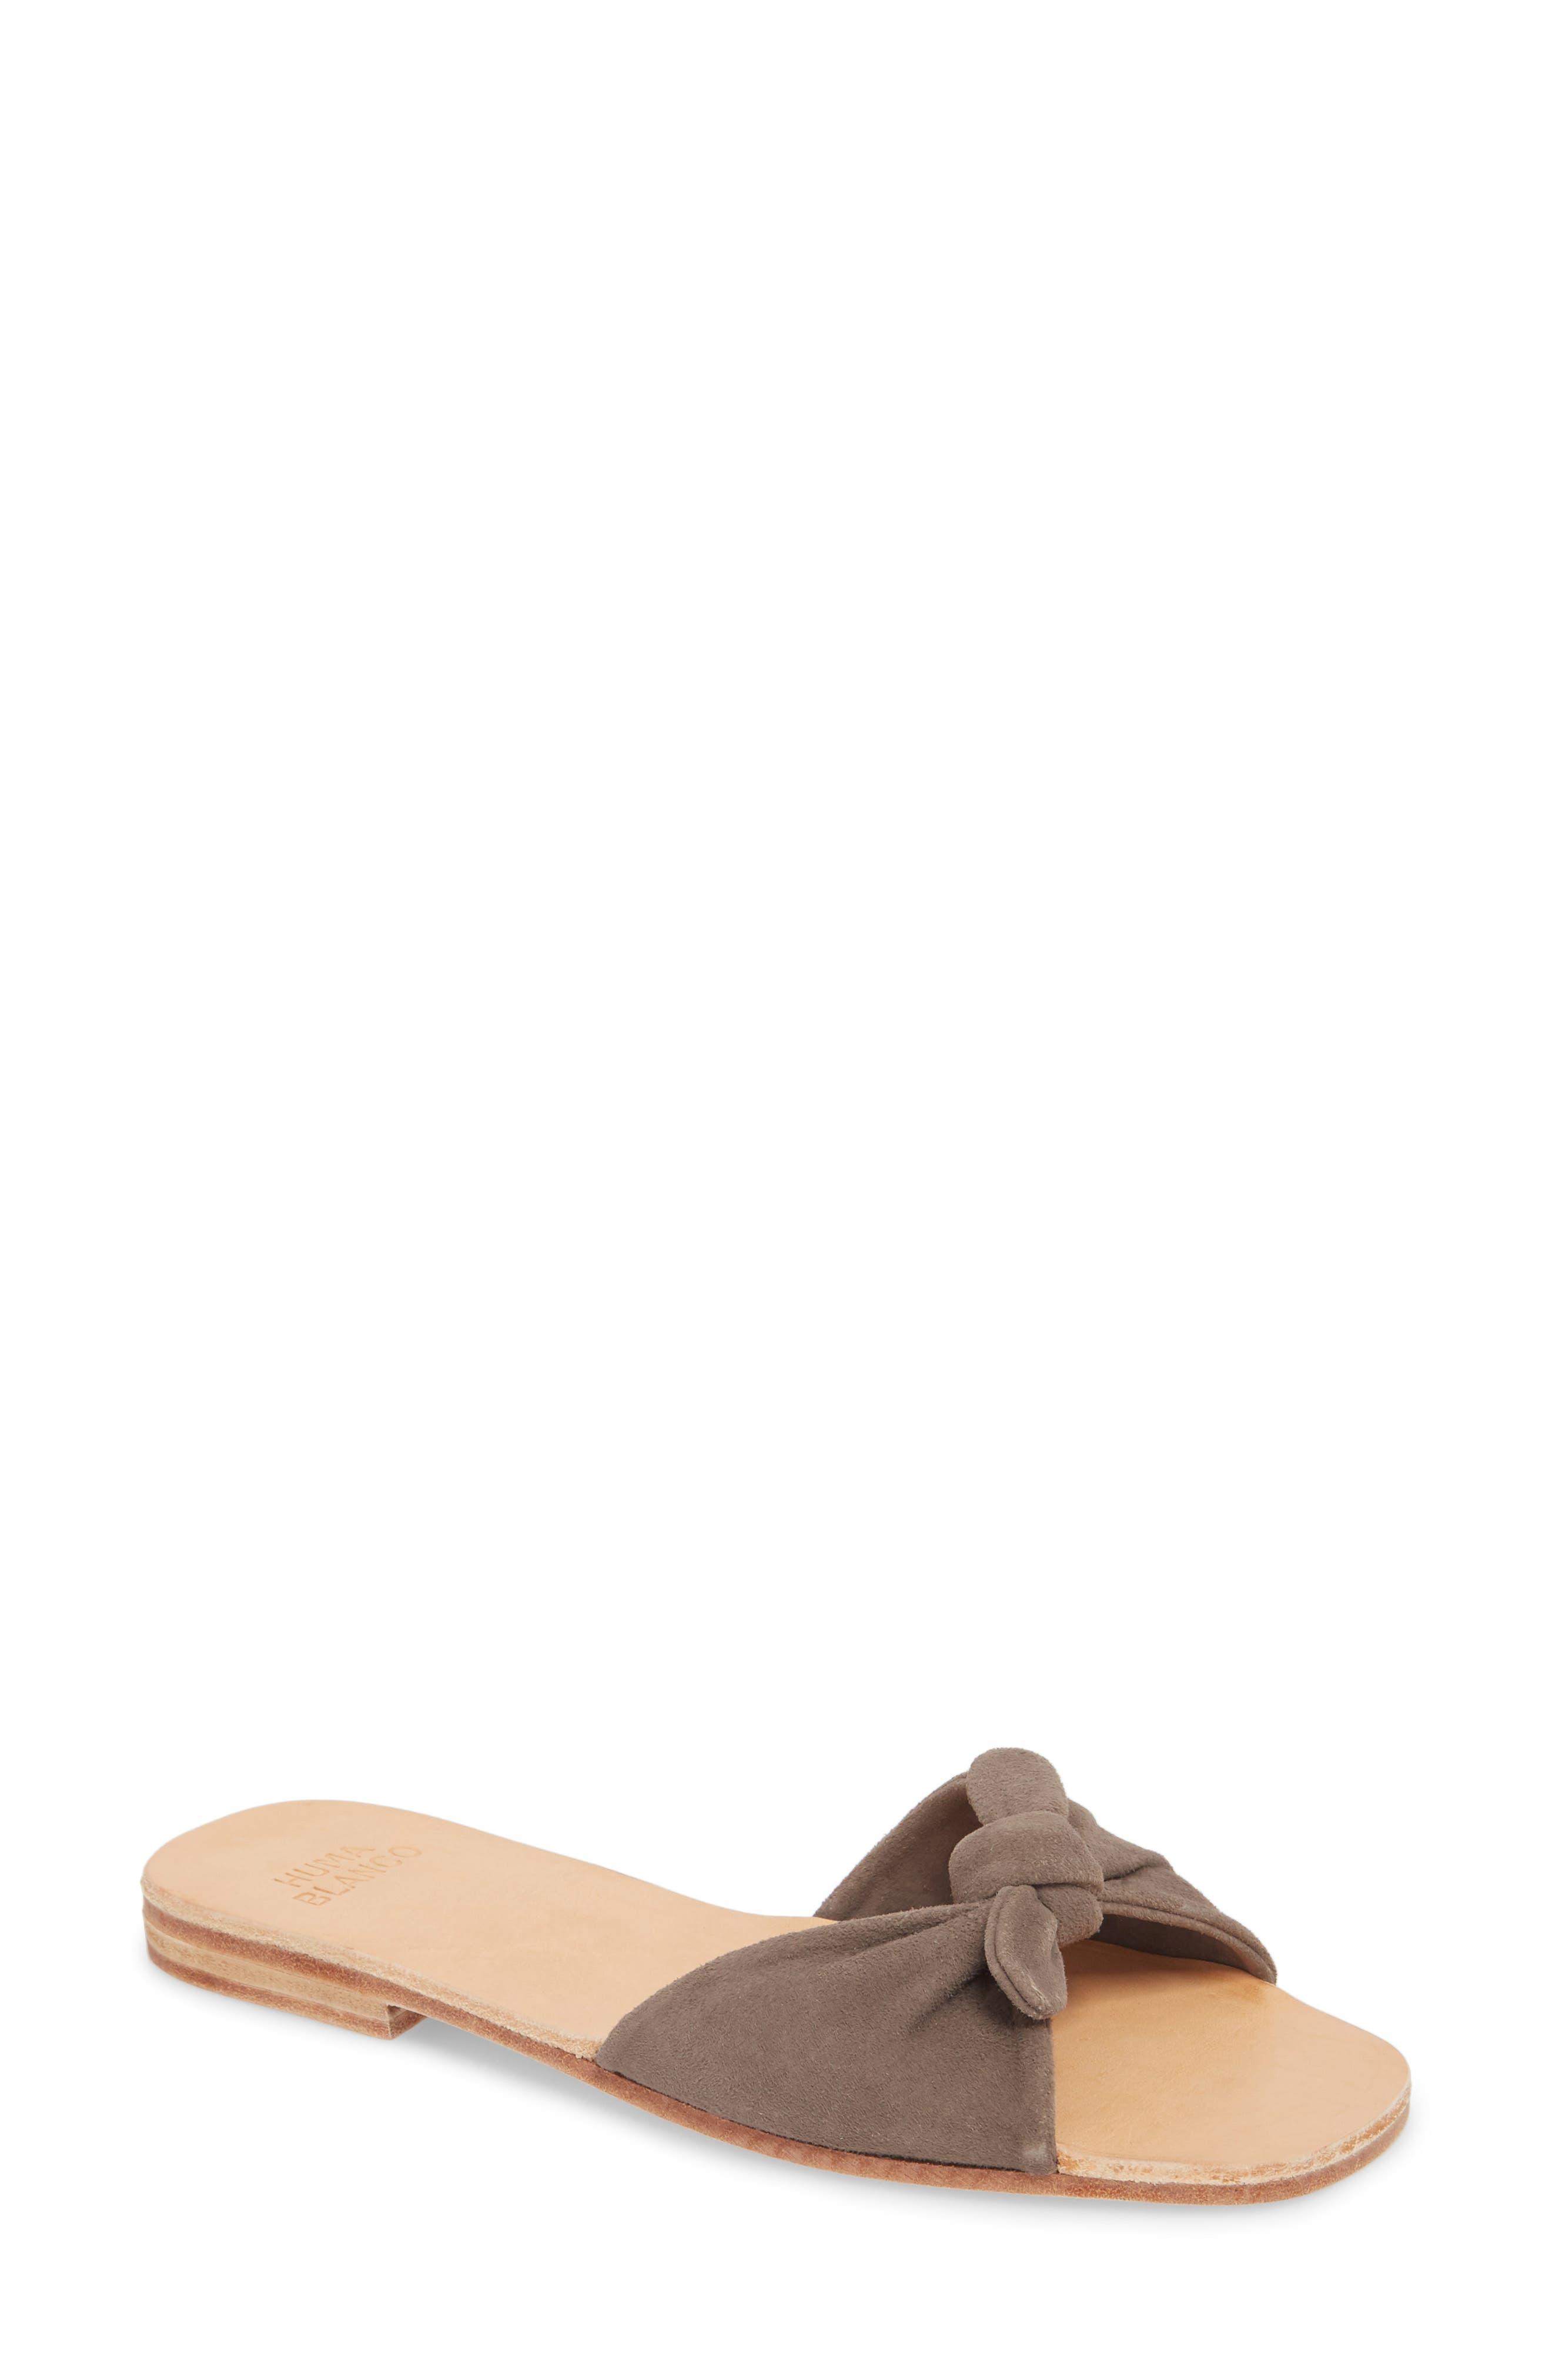 Huma Blanco Milan Slide Sandal